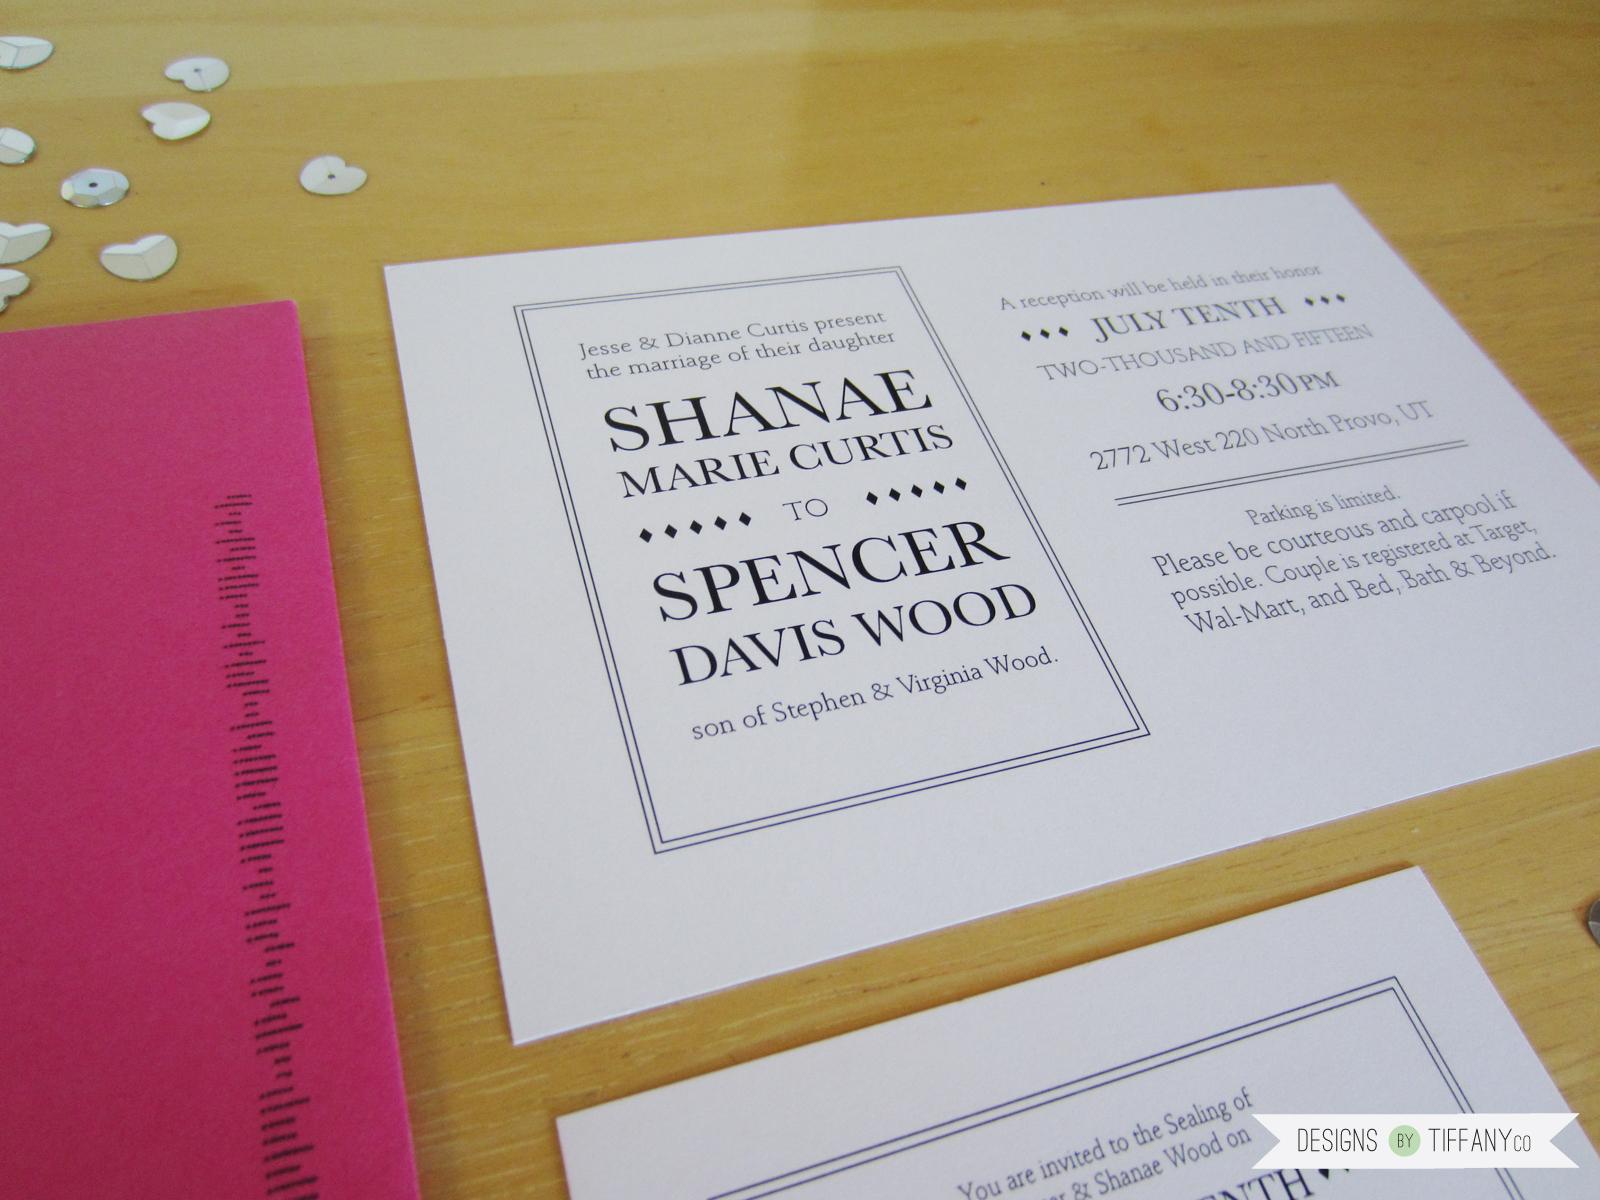 Custom Wedding Invitation - Designs by TiffanyCo